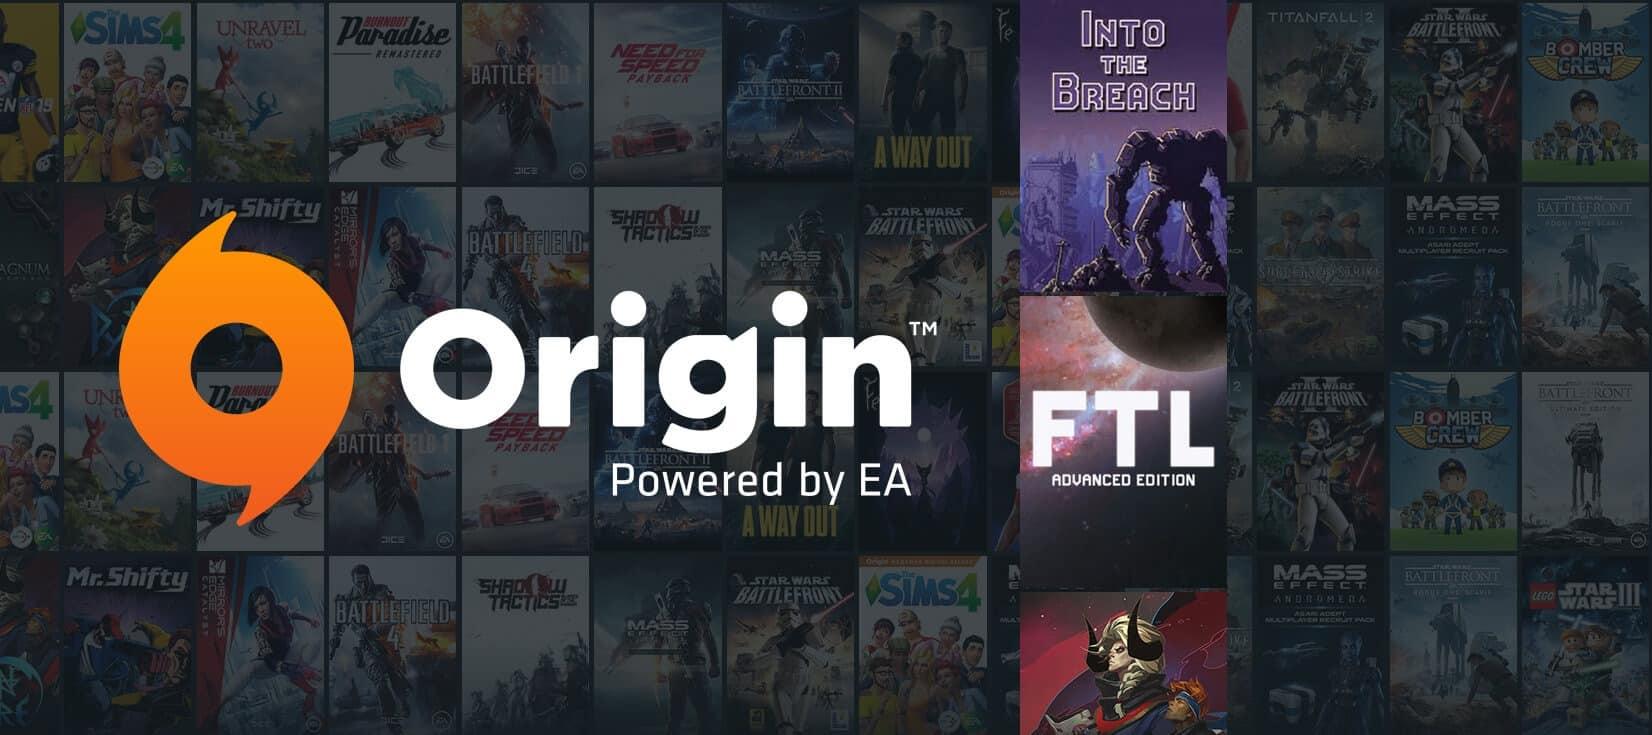 Распродажа Origin: до какого числа, список игр и цены